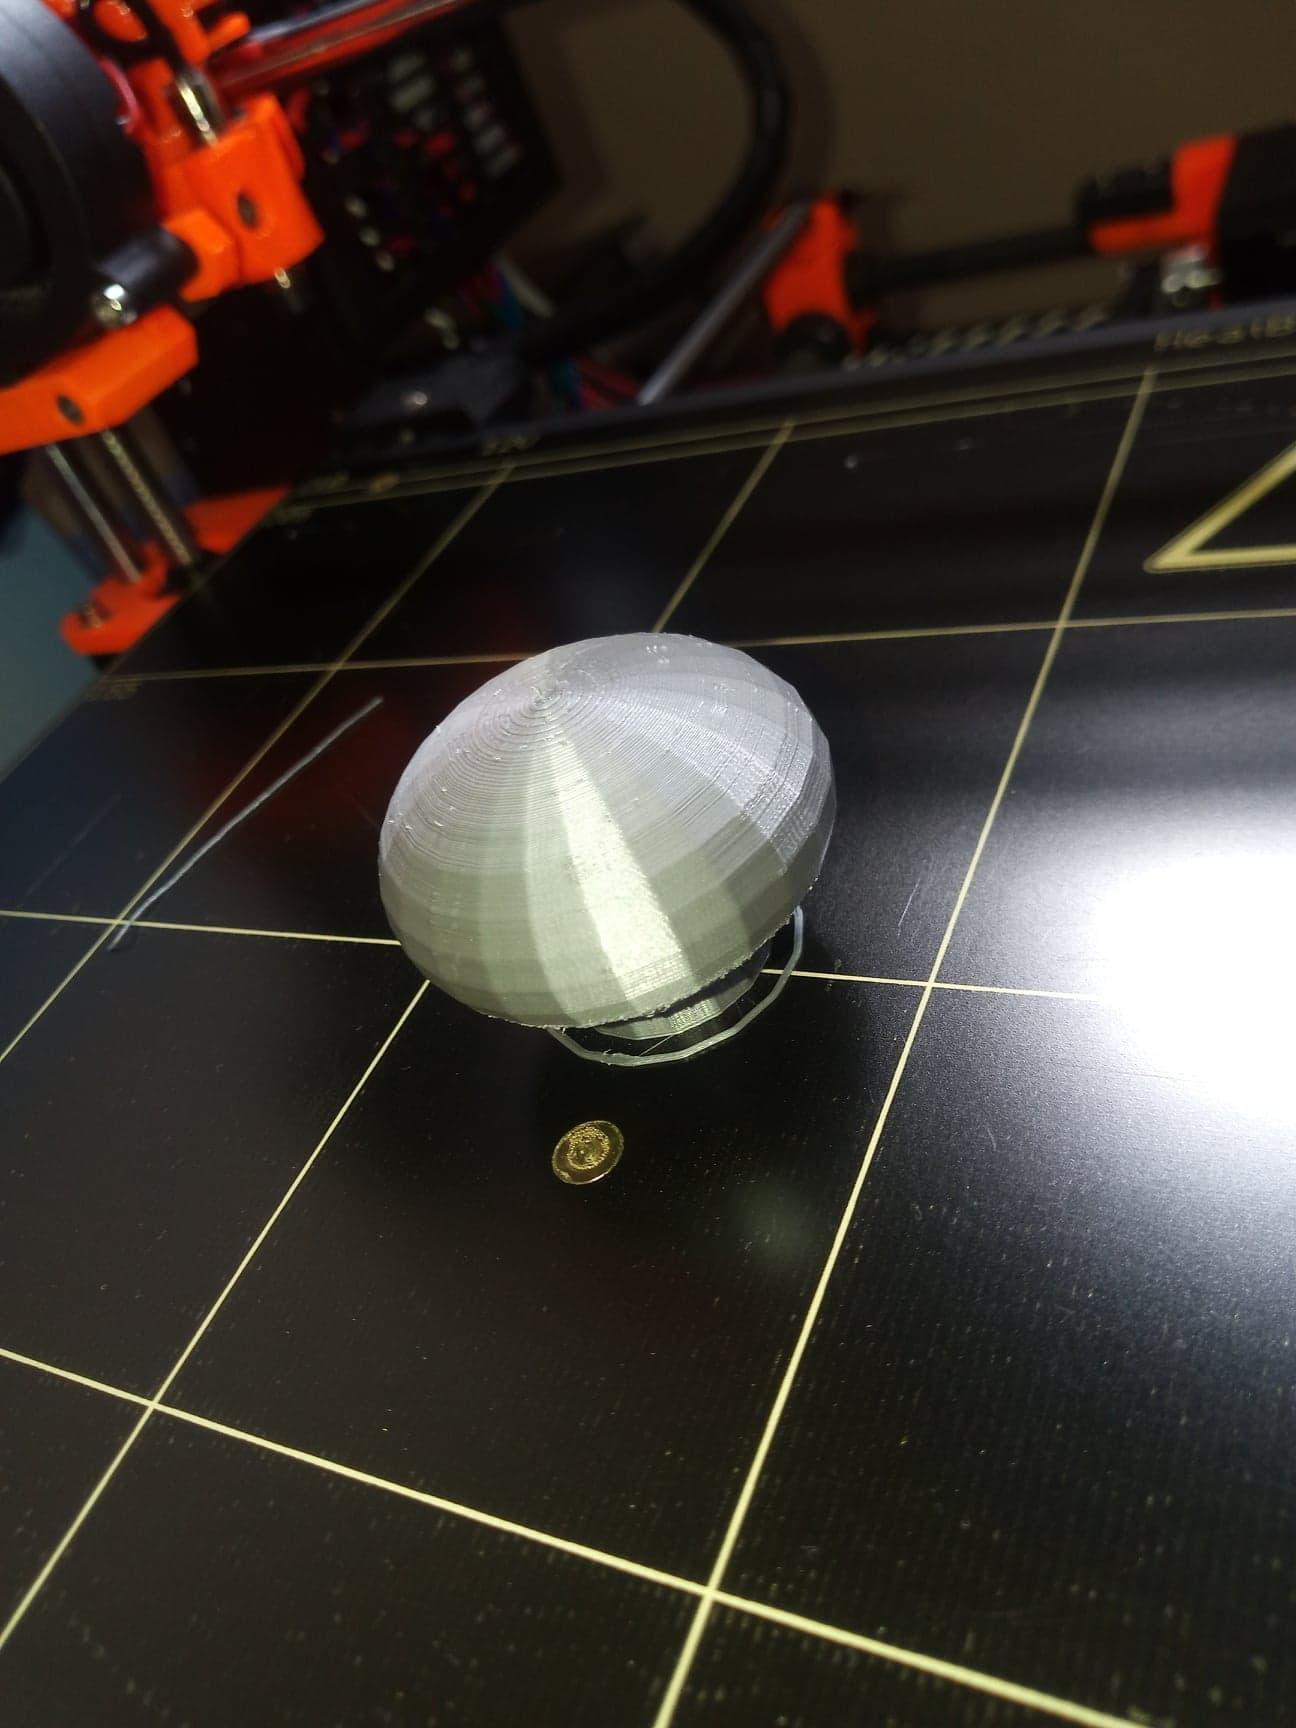 66708947_732262903875307_2727581816696340480_n.jpg Télécharger fichier STL gratuit Poignée de placard • Objet imprimable en 3D, MoonChaton